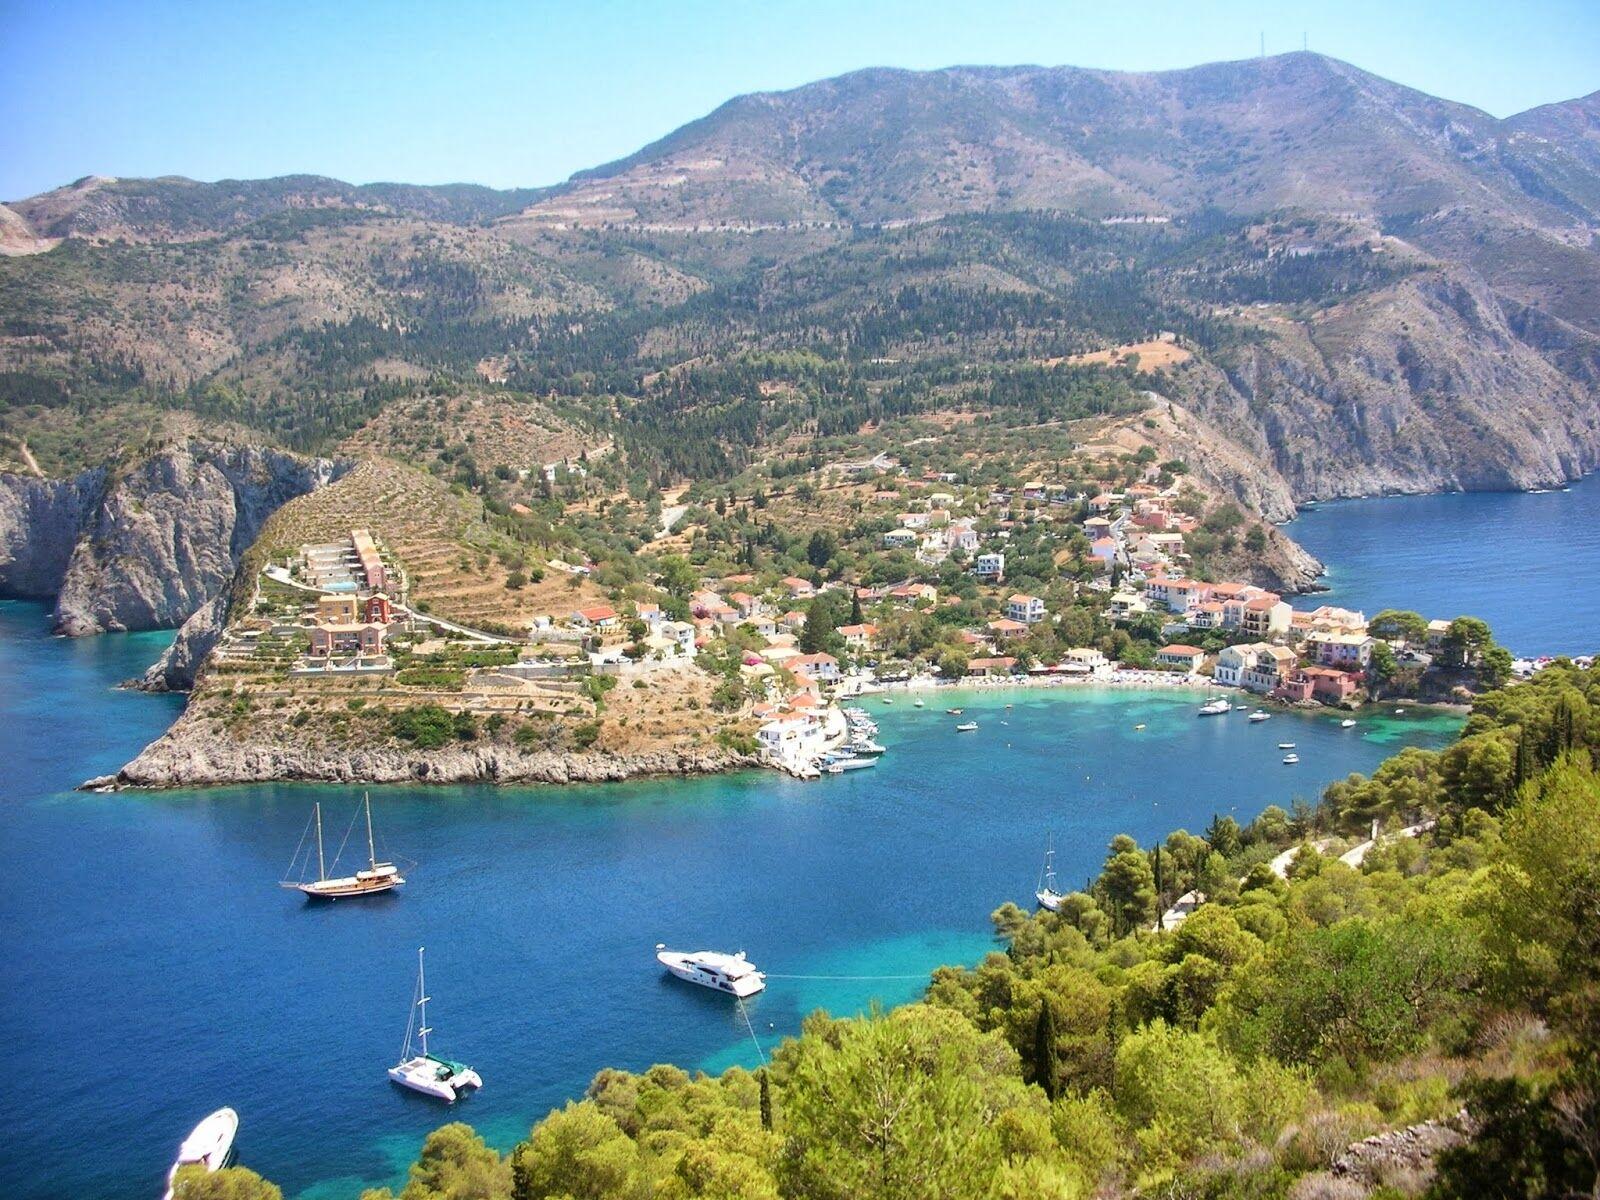 Türkiyede en popüler deniz nedir